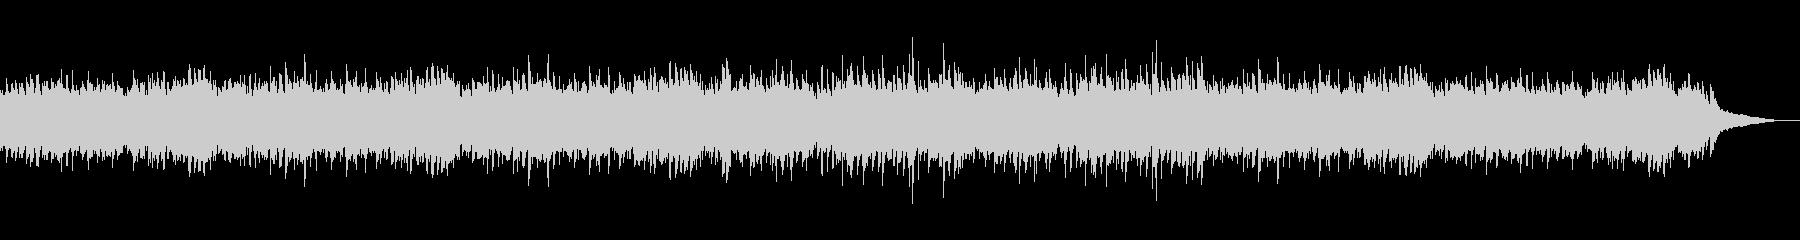 ピアノヒーリング癒しアンビエントの未再生の波形